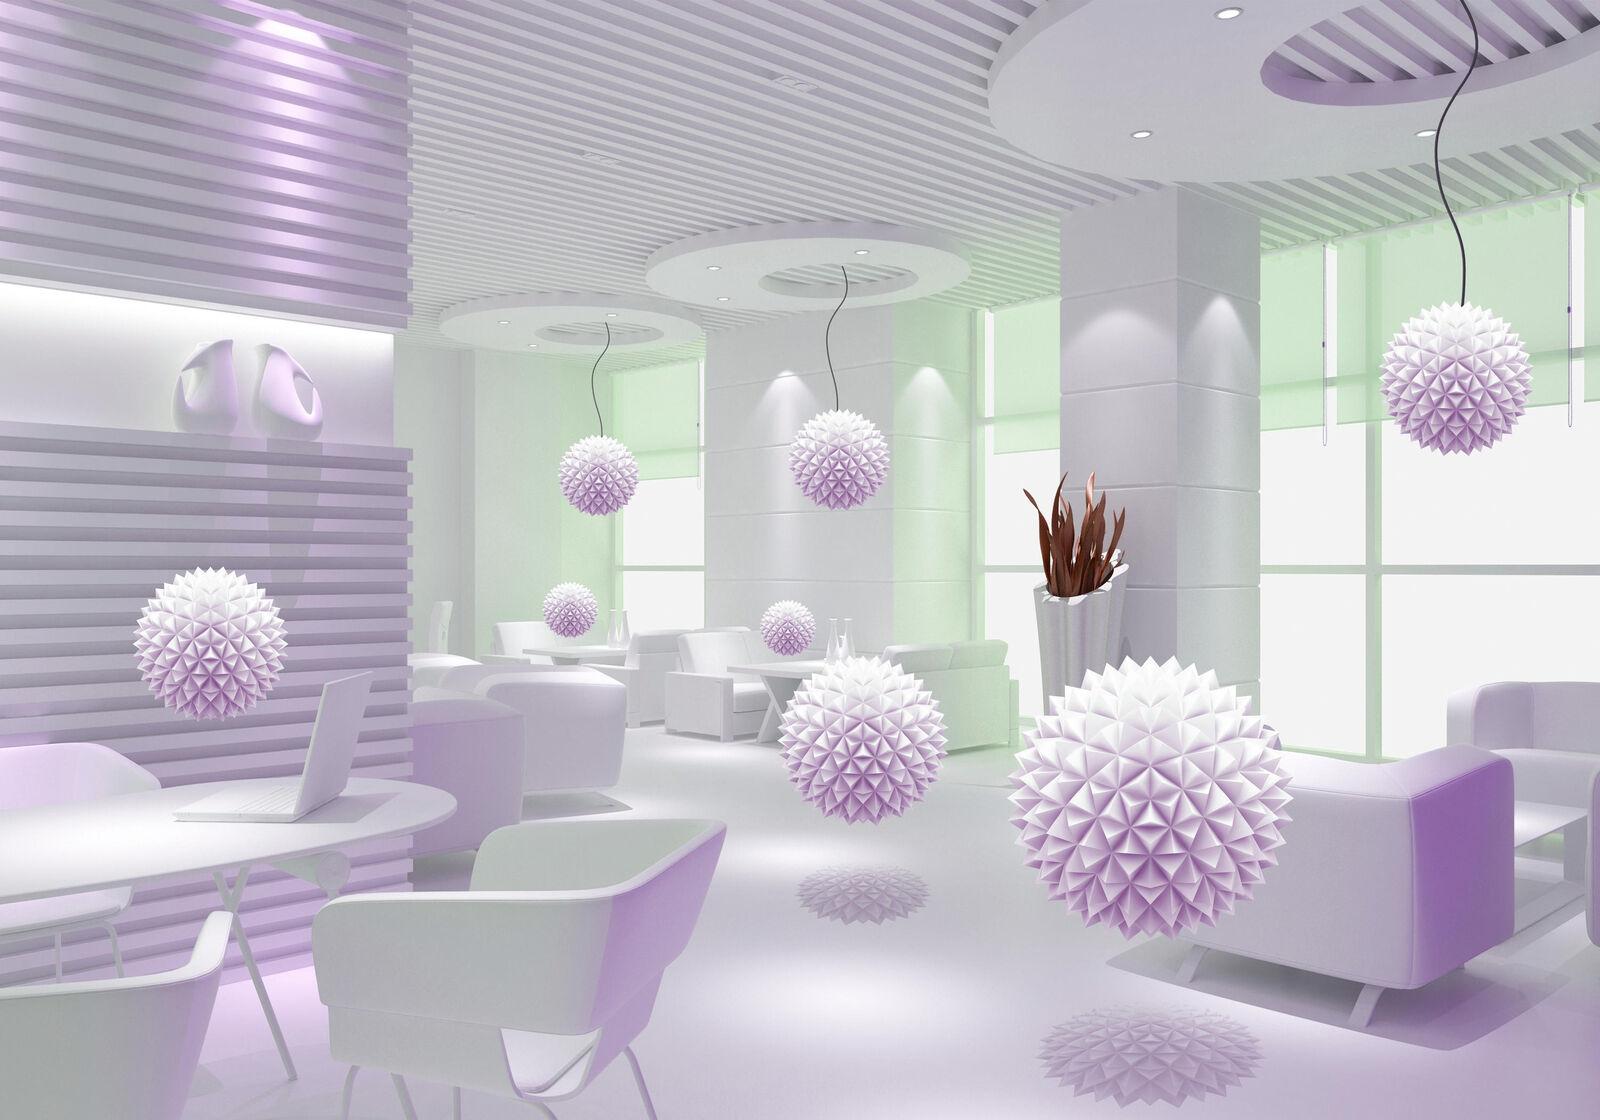 Fototapete viollet Raumerweiterung Kugeln 3D Raum Möbel Fenster Lampen